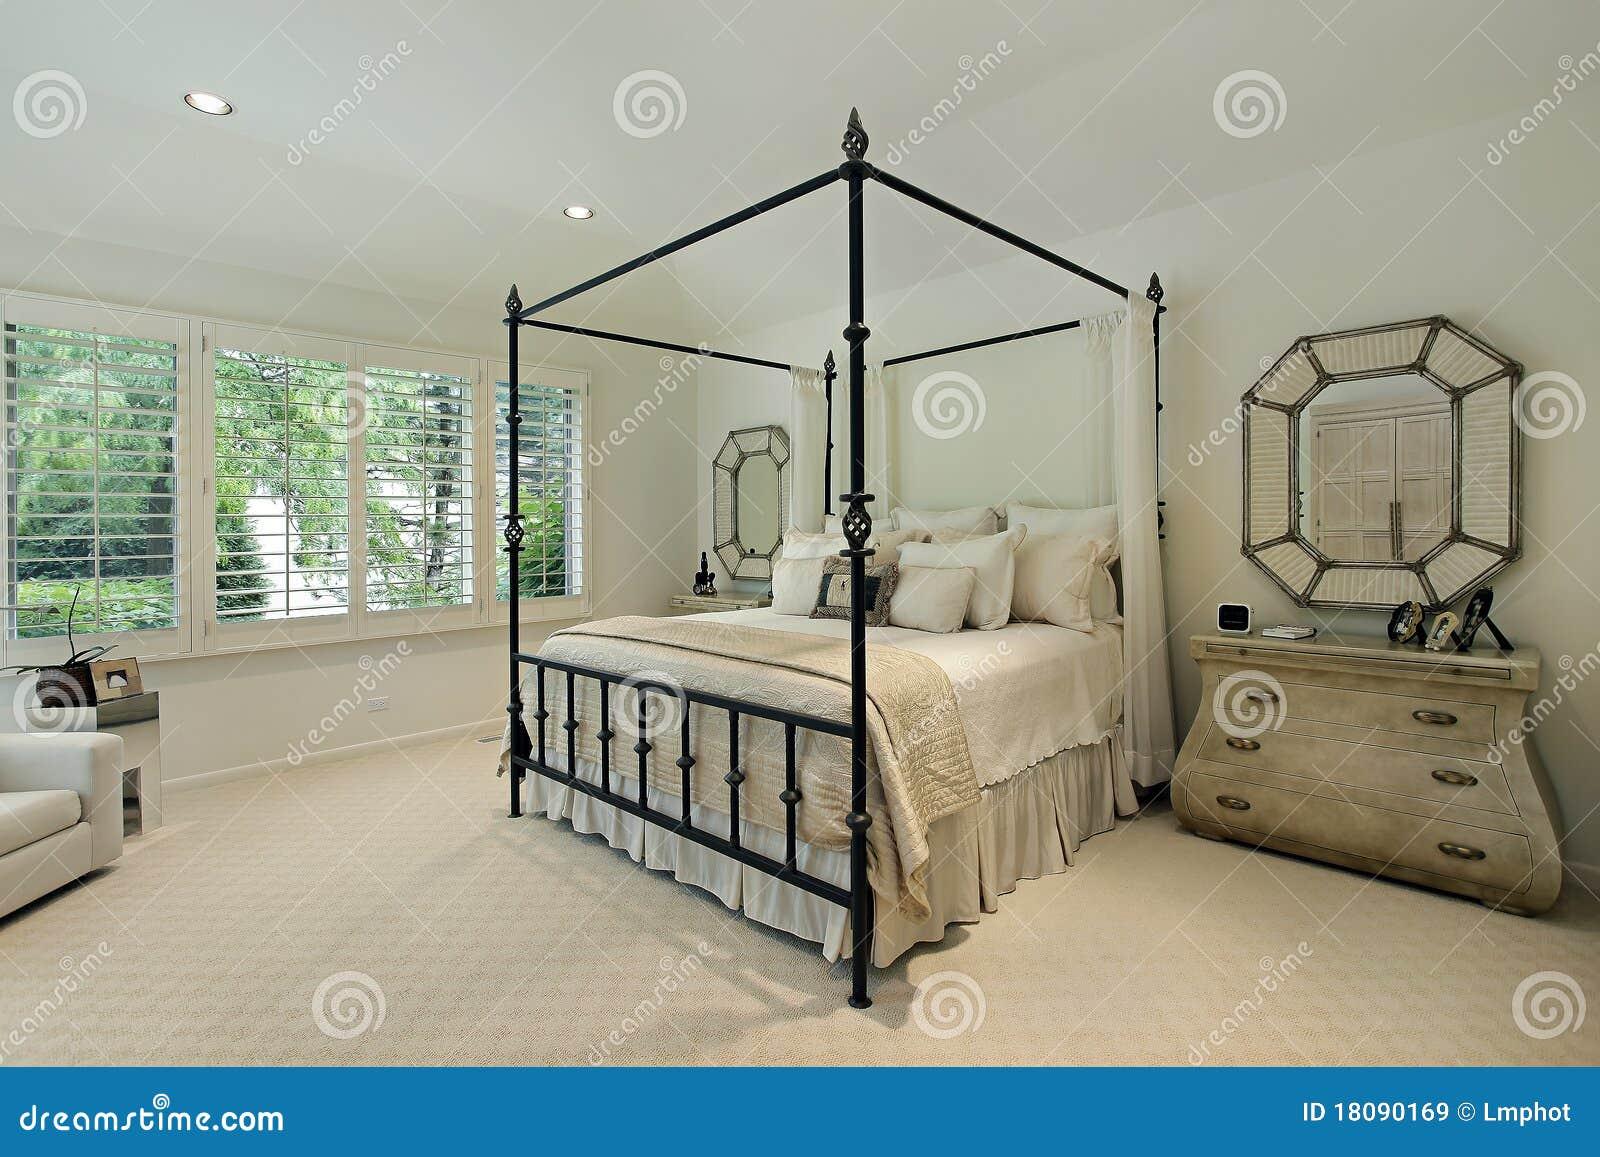 Rivestimento spaccati pietra grigia - Camere da letto a poco prezzo ...